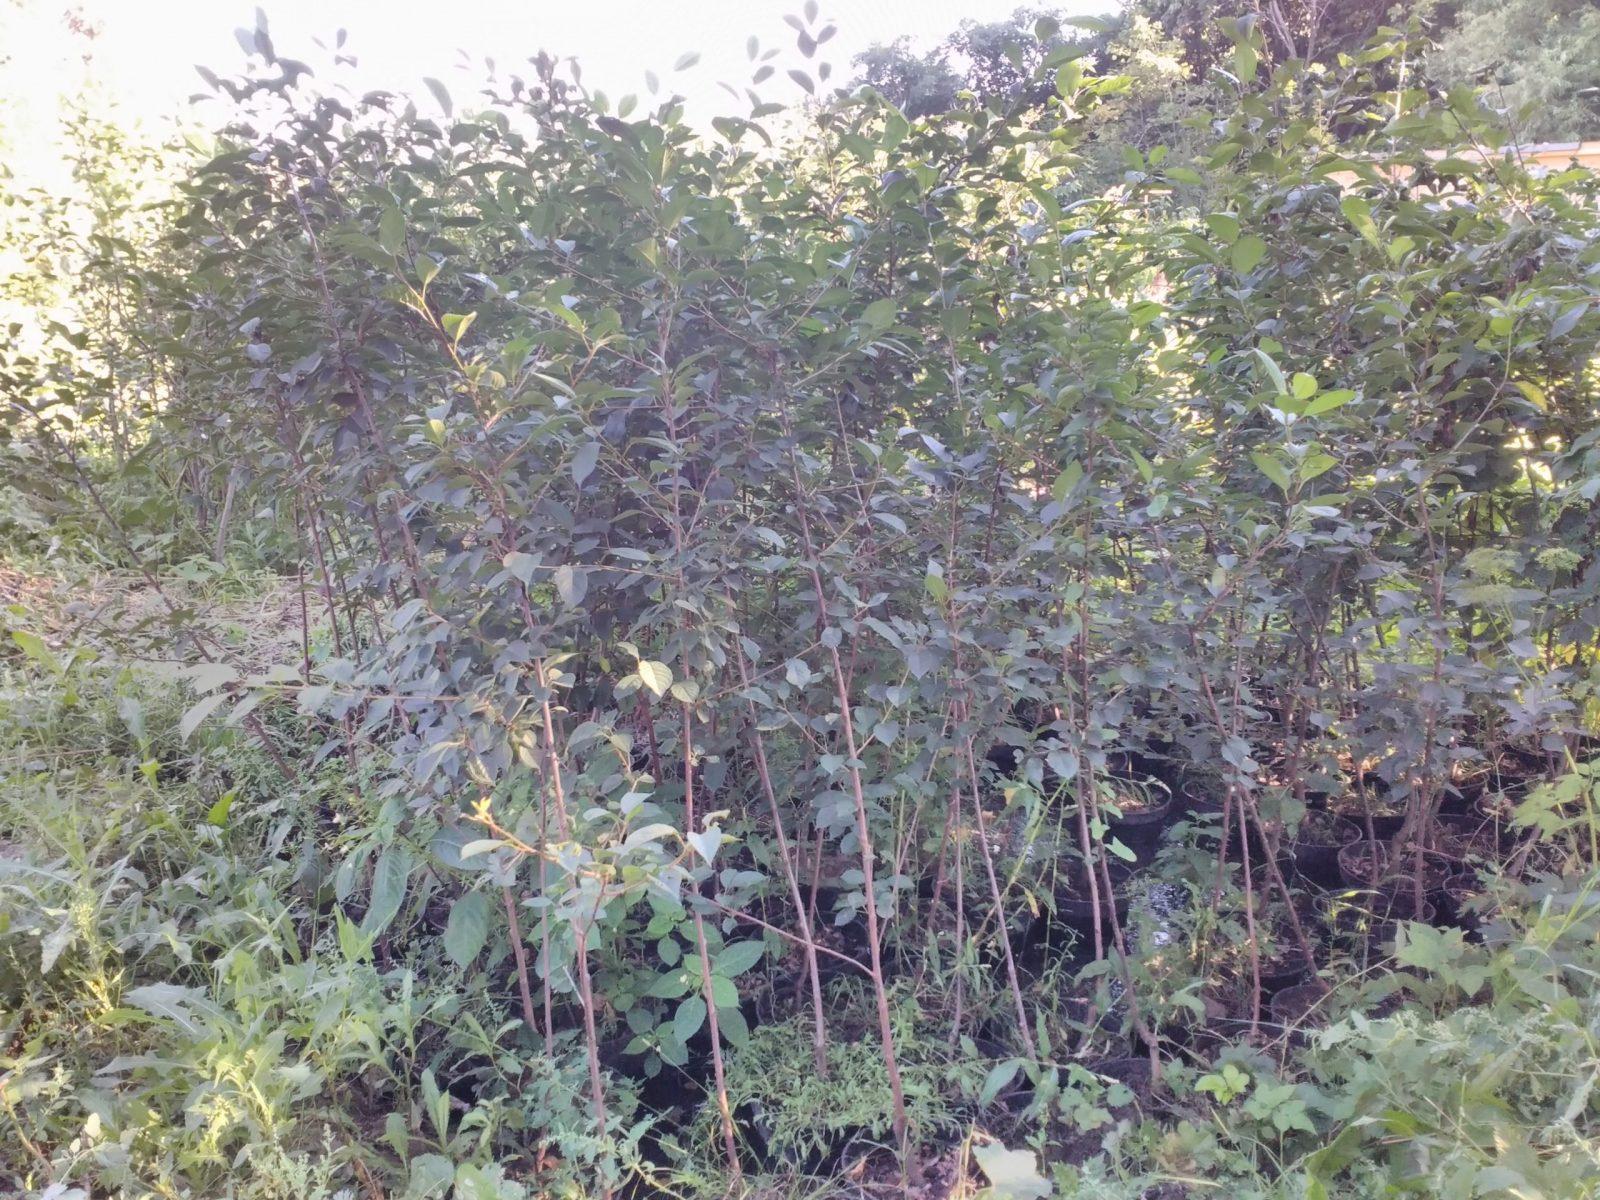 саженцы вишни и черешни с закрытой корневой системой (ЗКС)